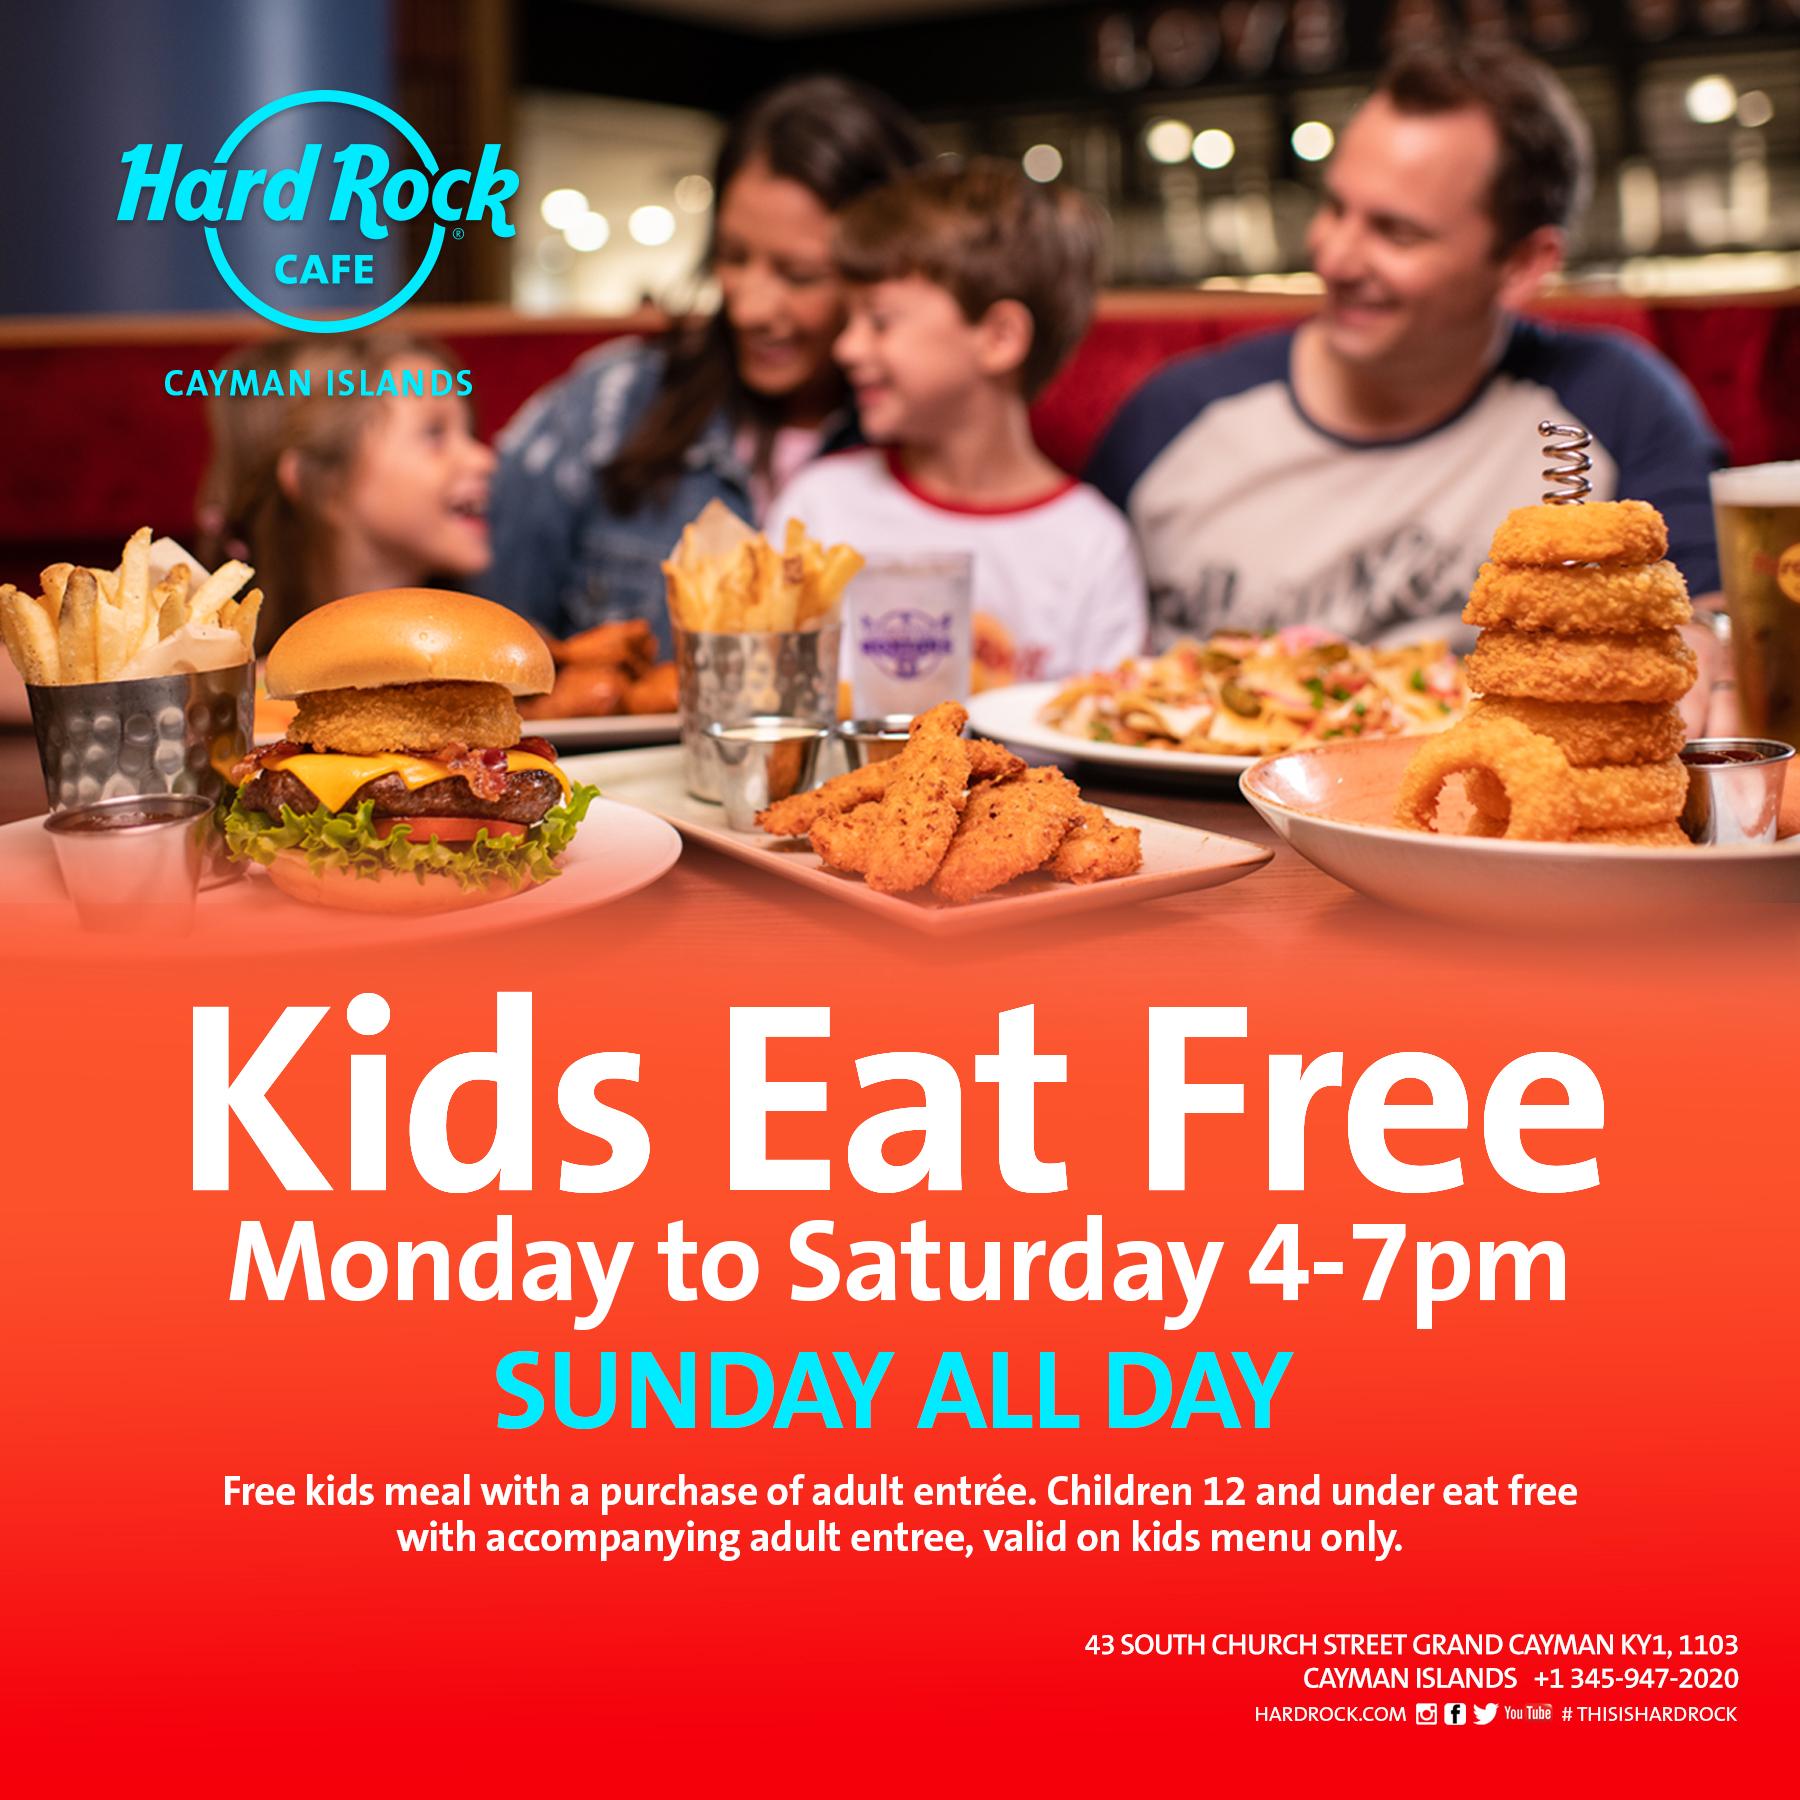 Kids Eat Free 27 Feb 2020